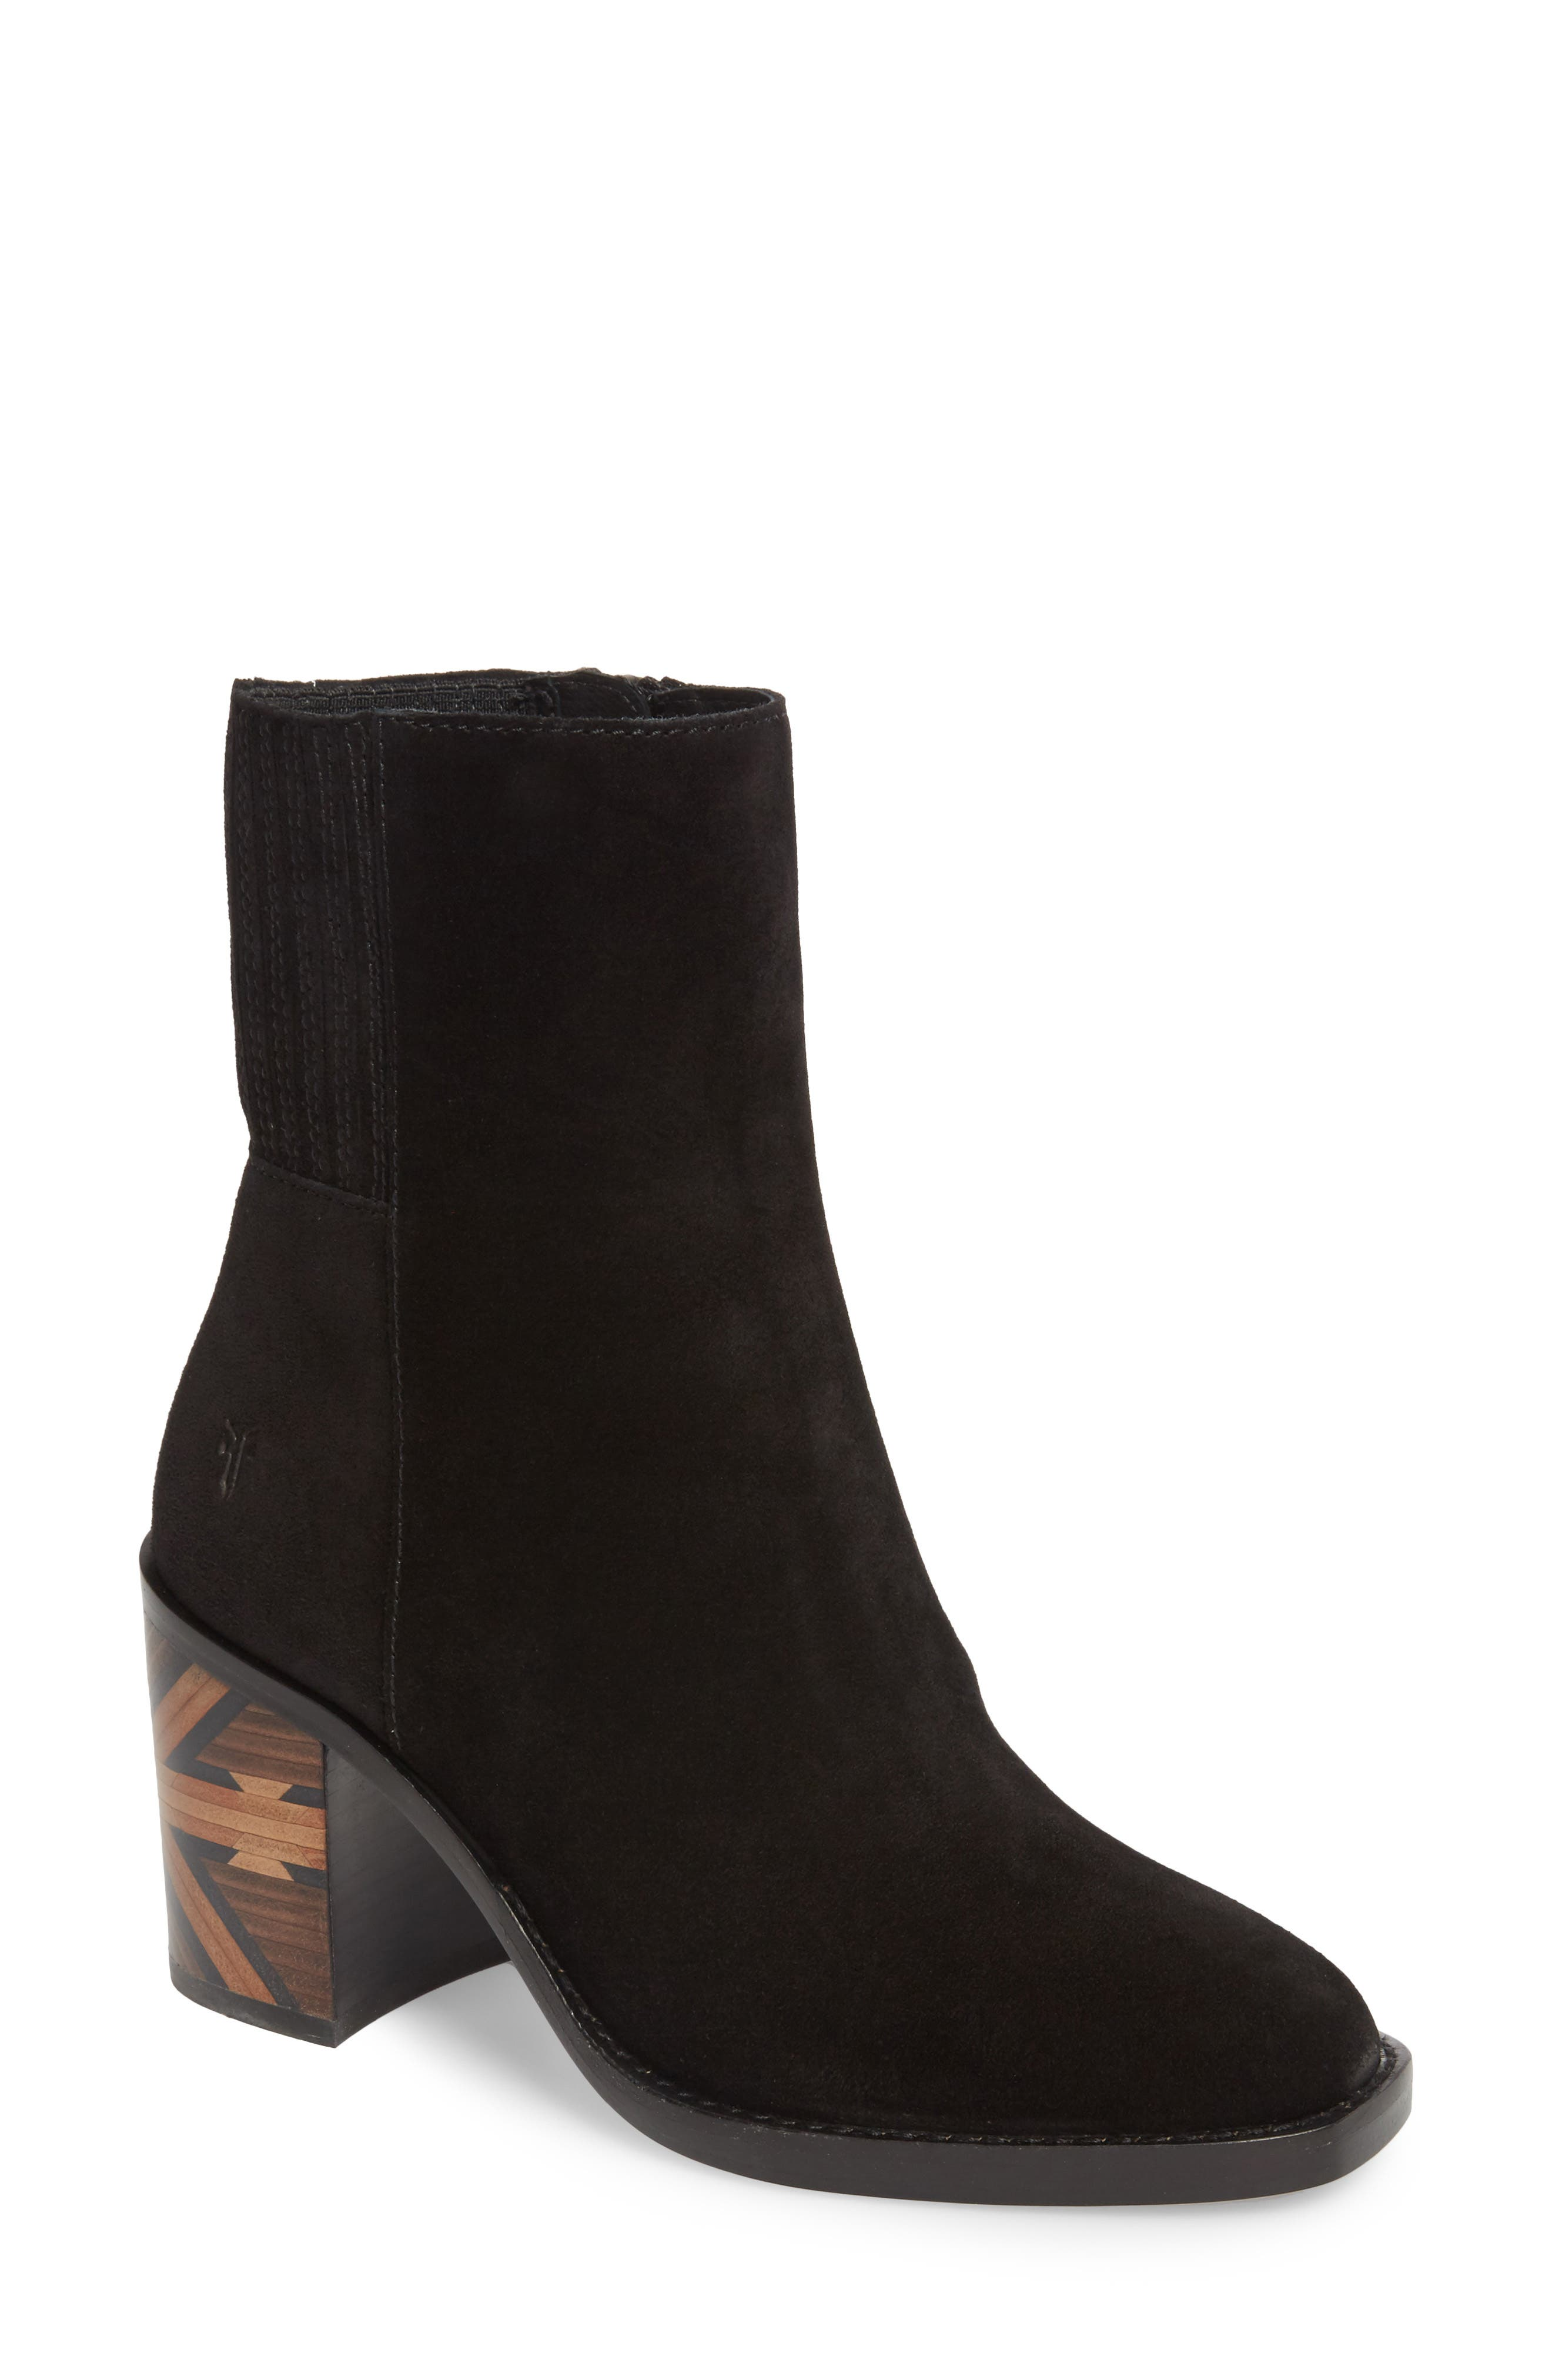 Sedona Chelsea Bootie,                         Main,                         color, Black Suede